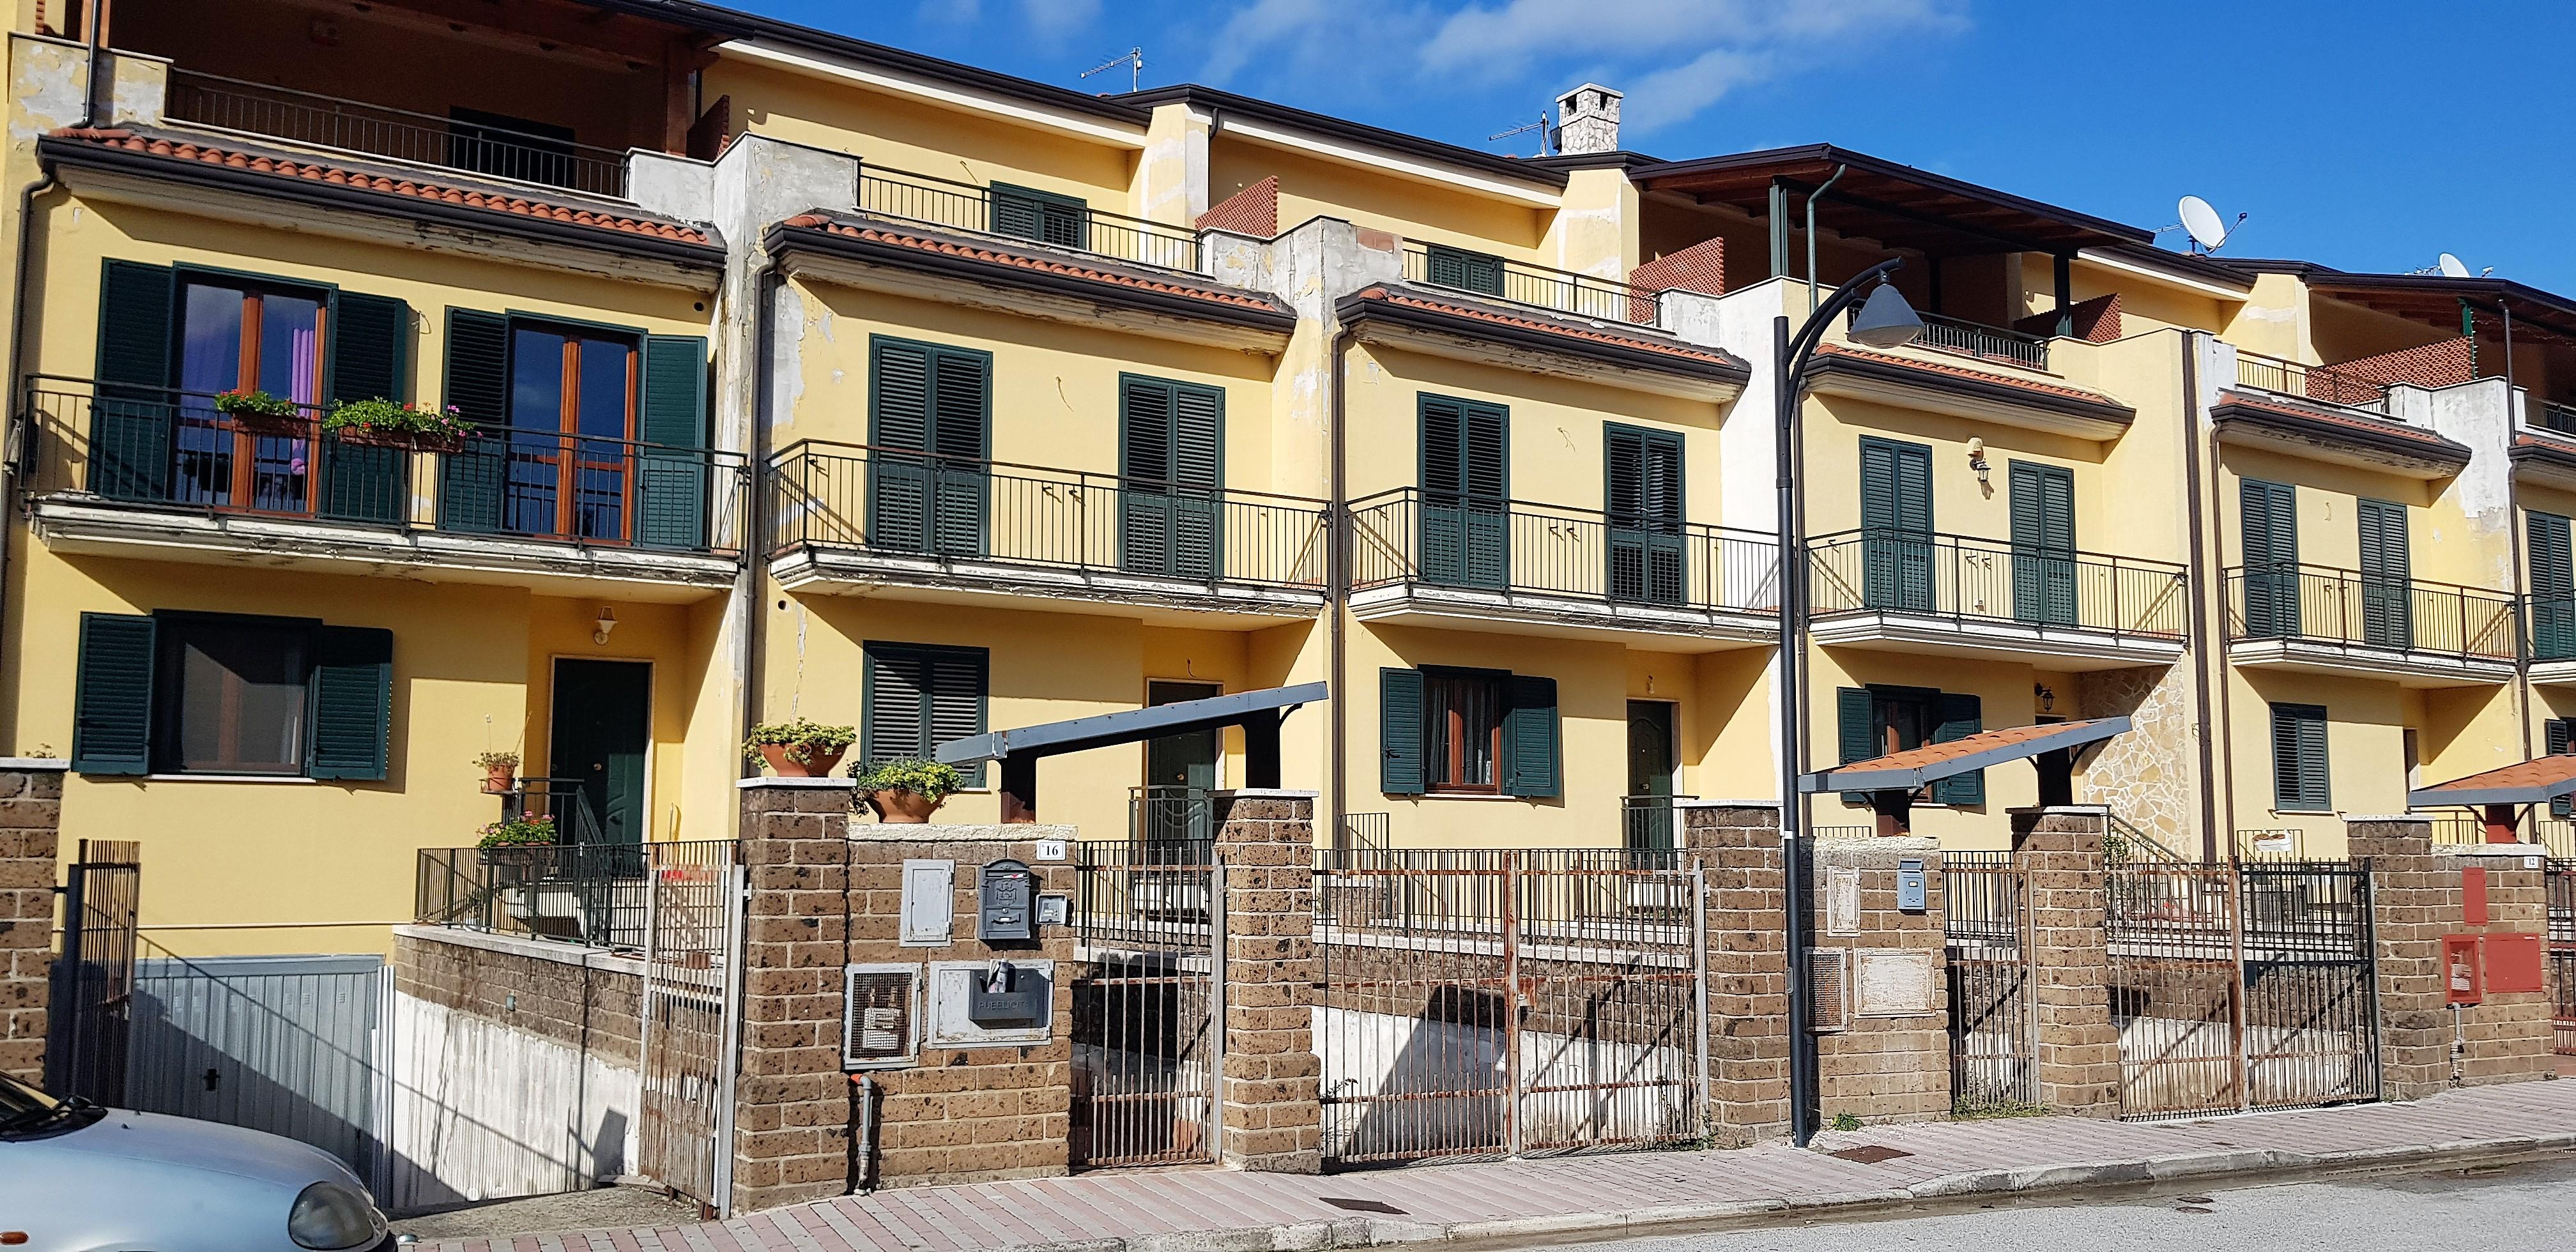 Forino (AV) Villa a schiera su 4 livelli con giardino